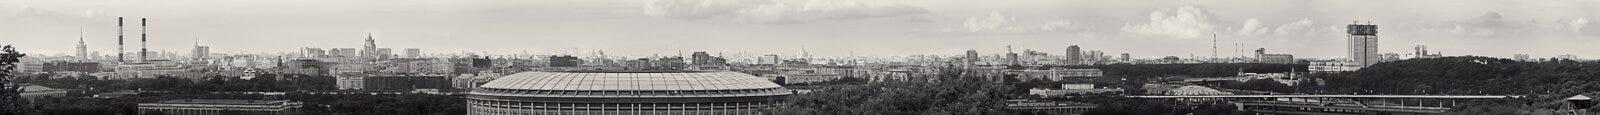 Vue panoramique de Moscou centrale Russie Images stock